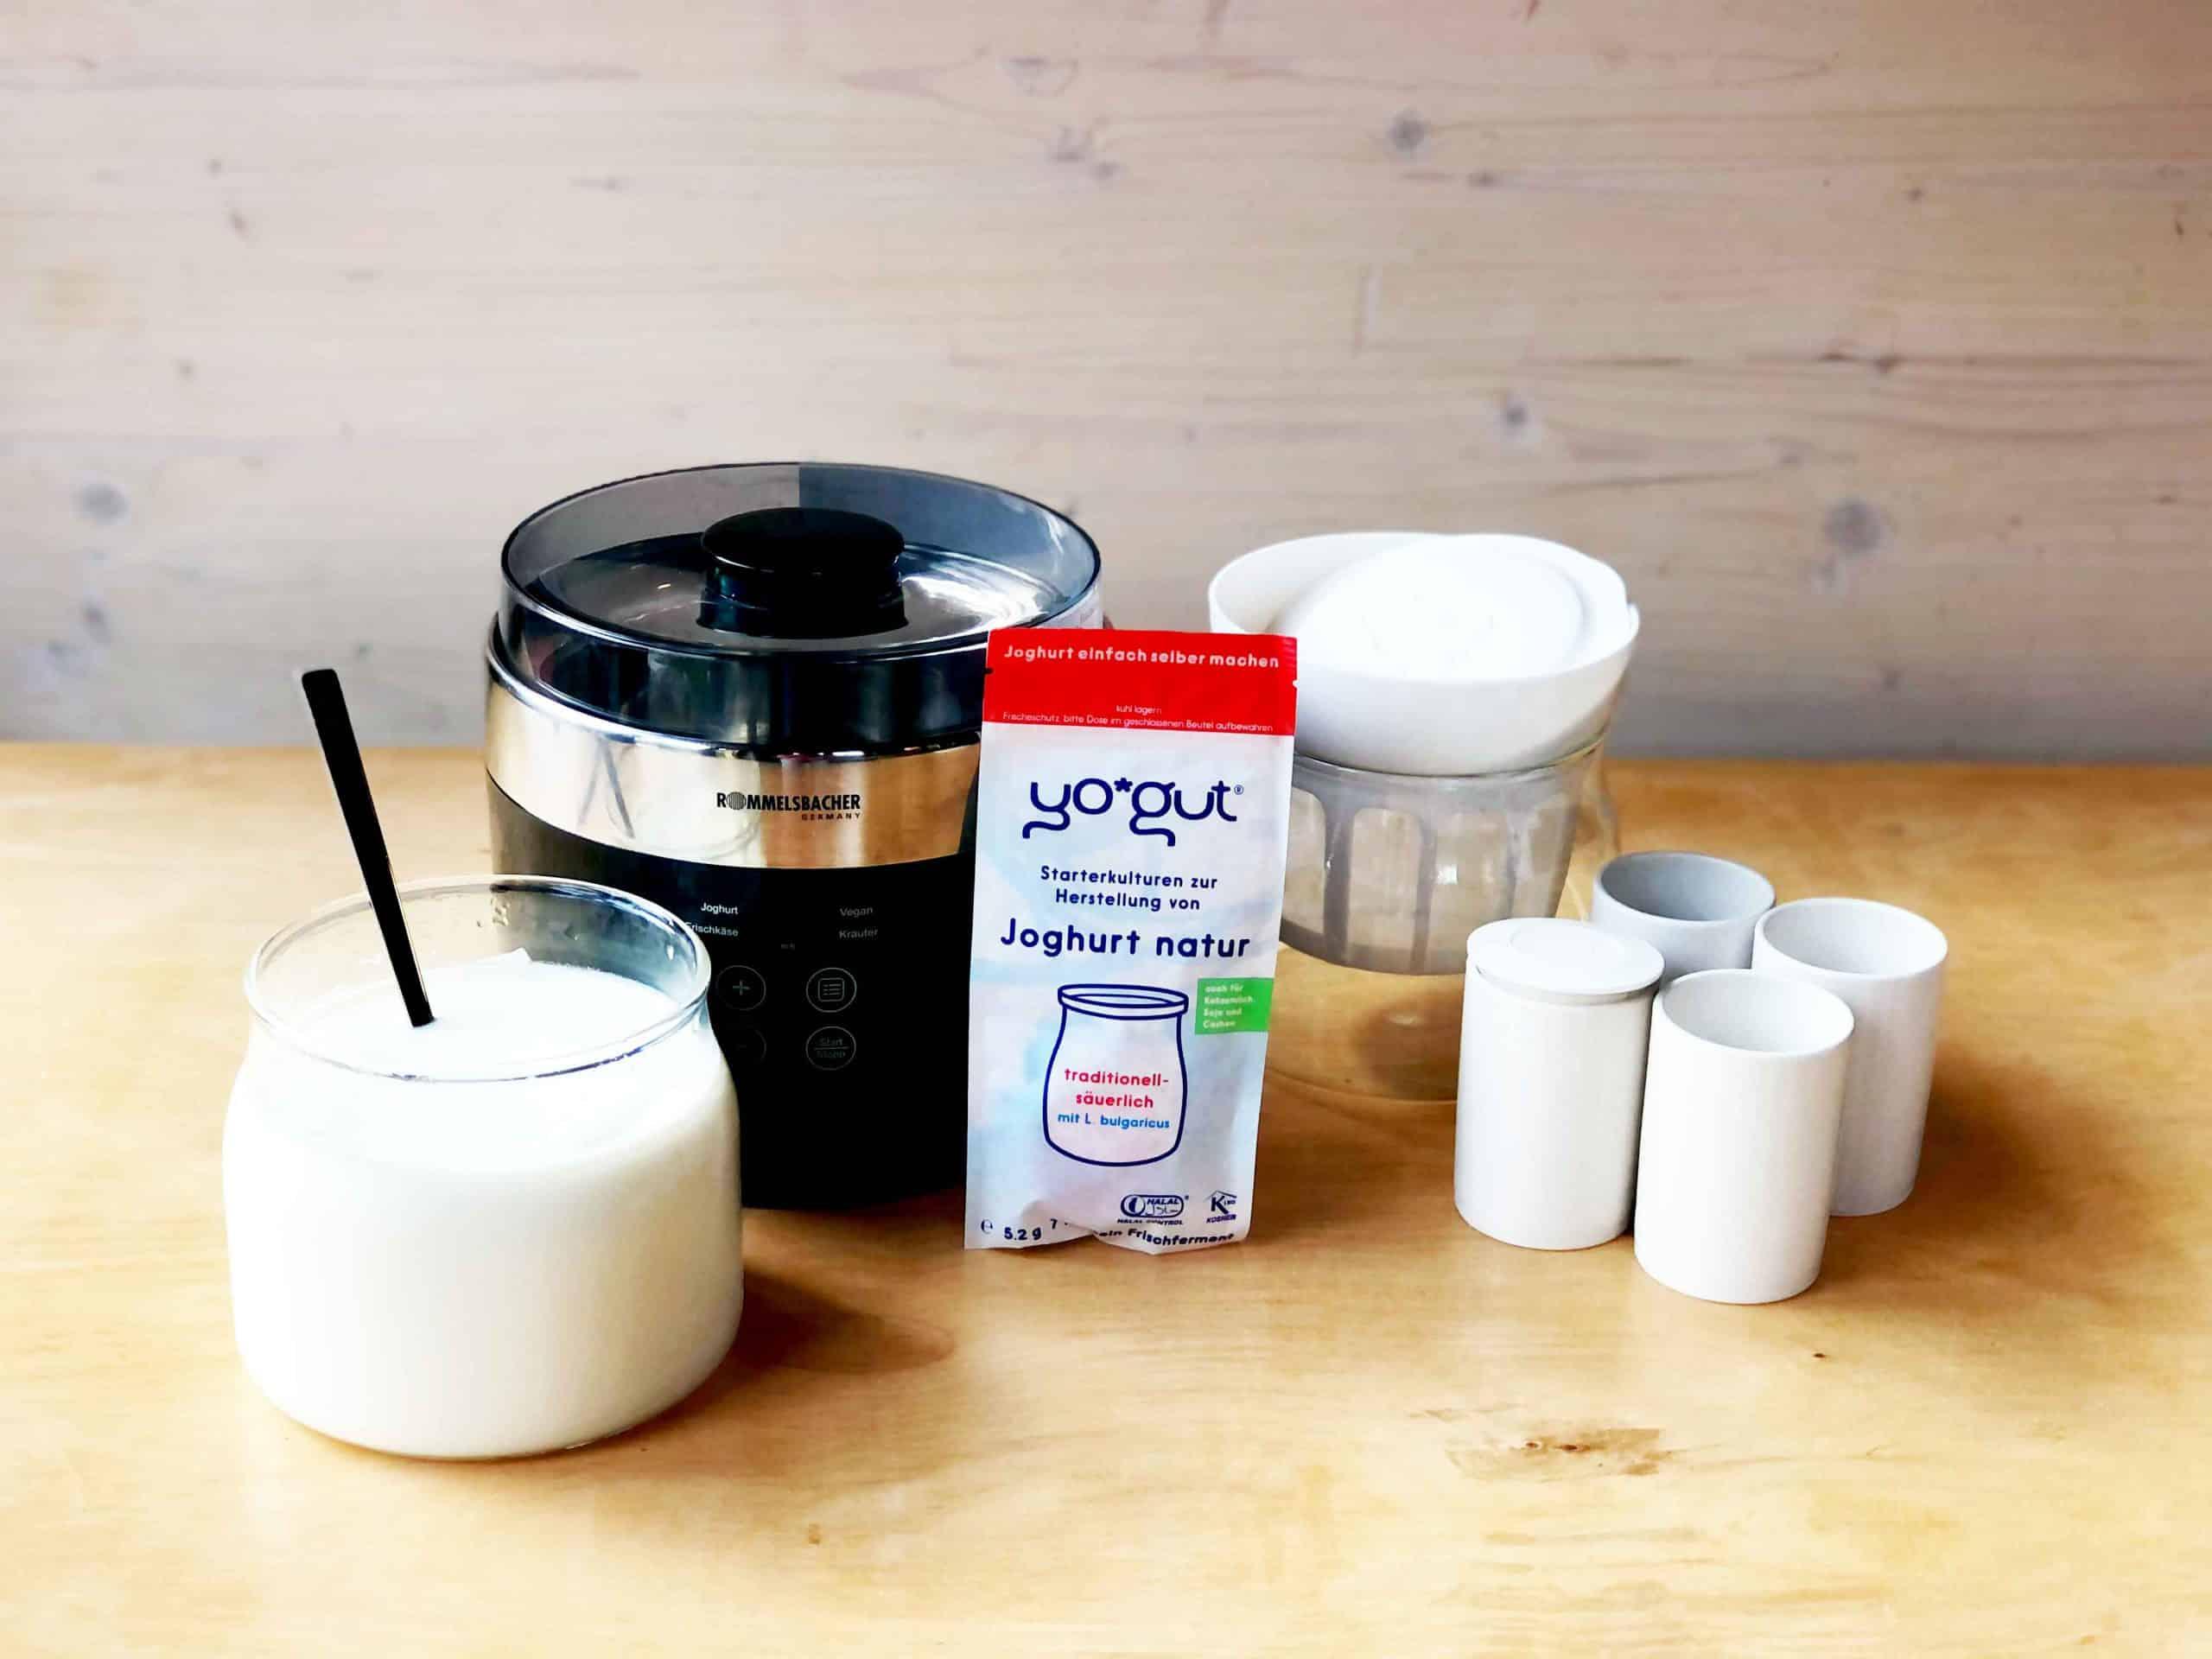 Joghurtbereiter Praxistest: der Jona 80 von Rommelsbacher